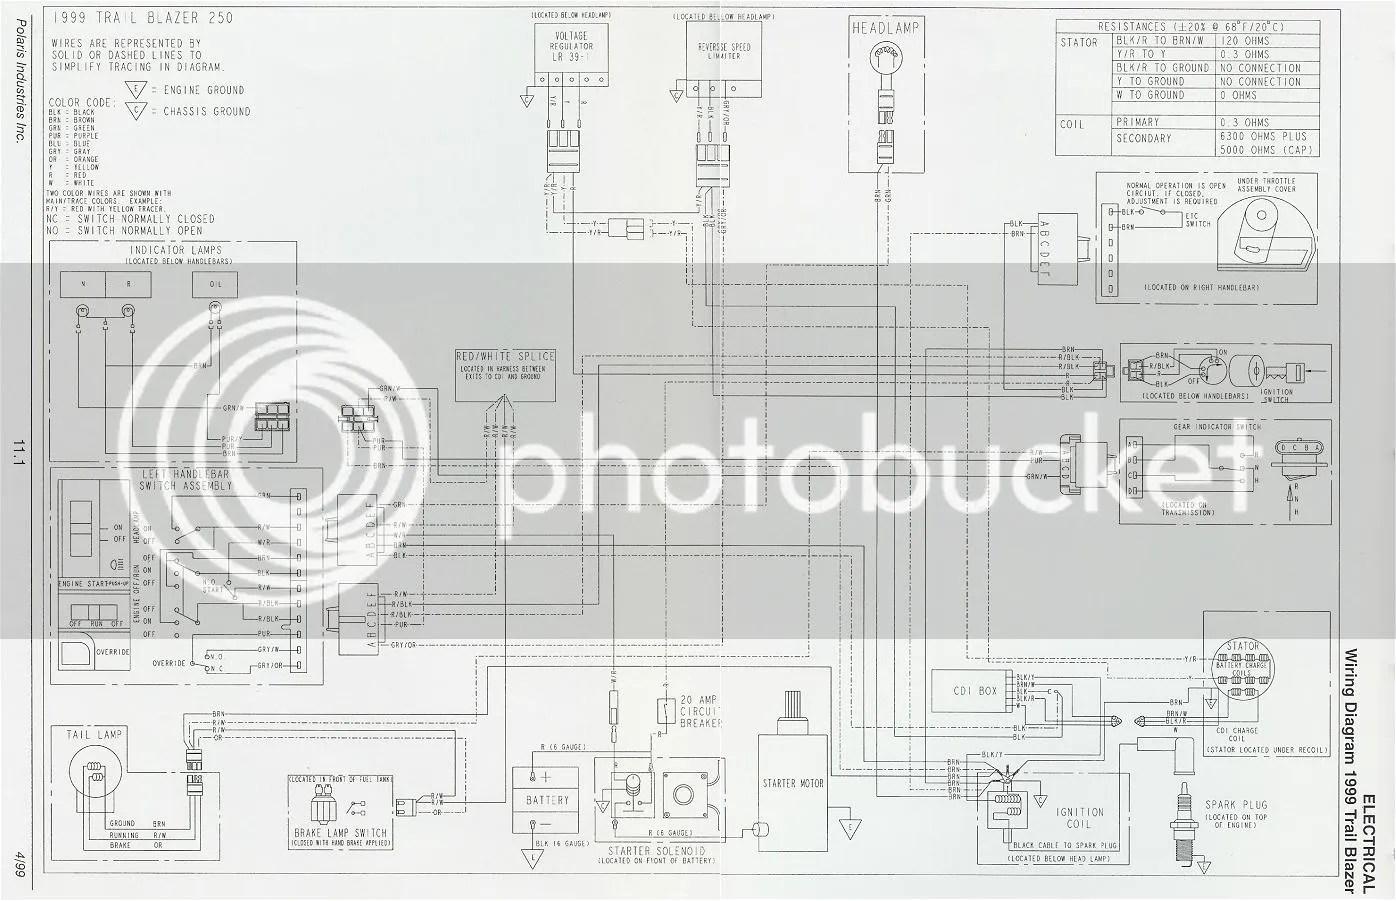 Polaris 250 Wiring Diagram - Wiring Diagrams on